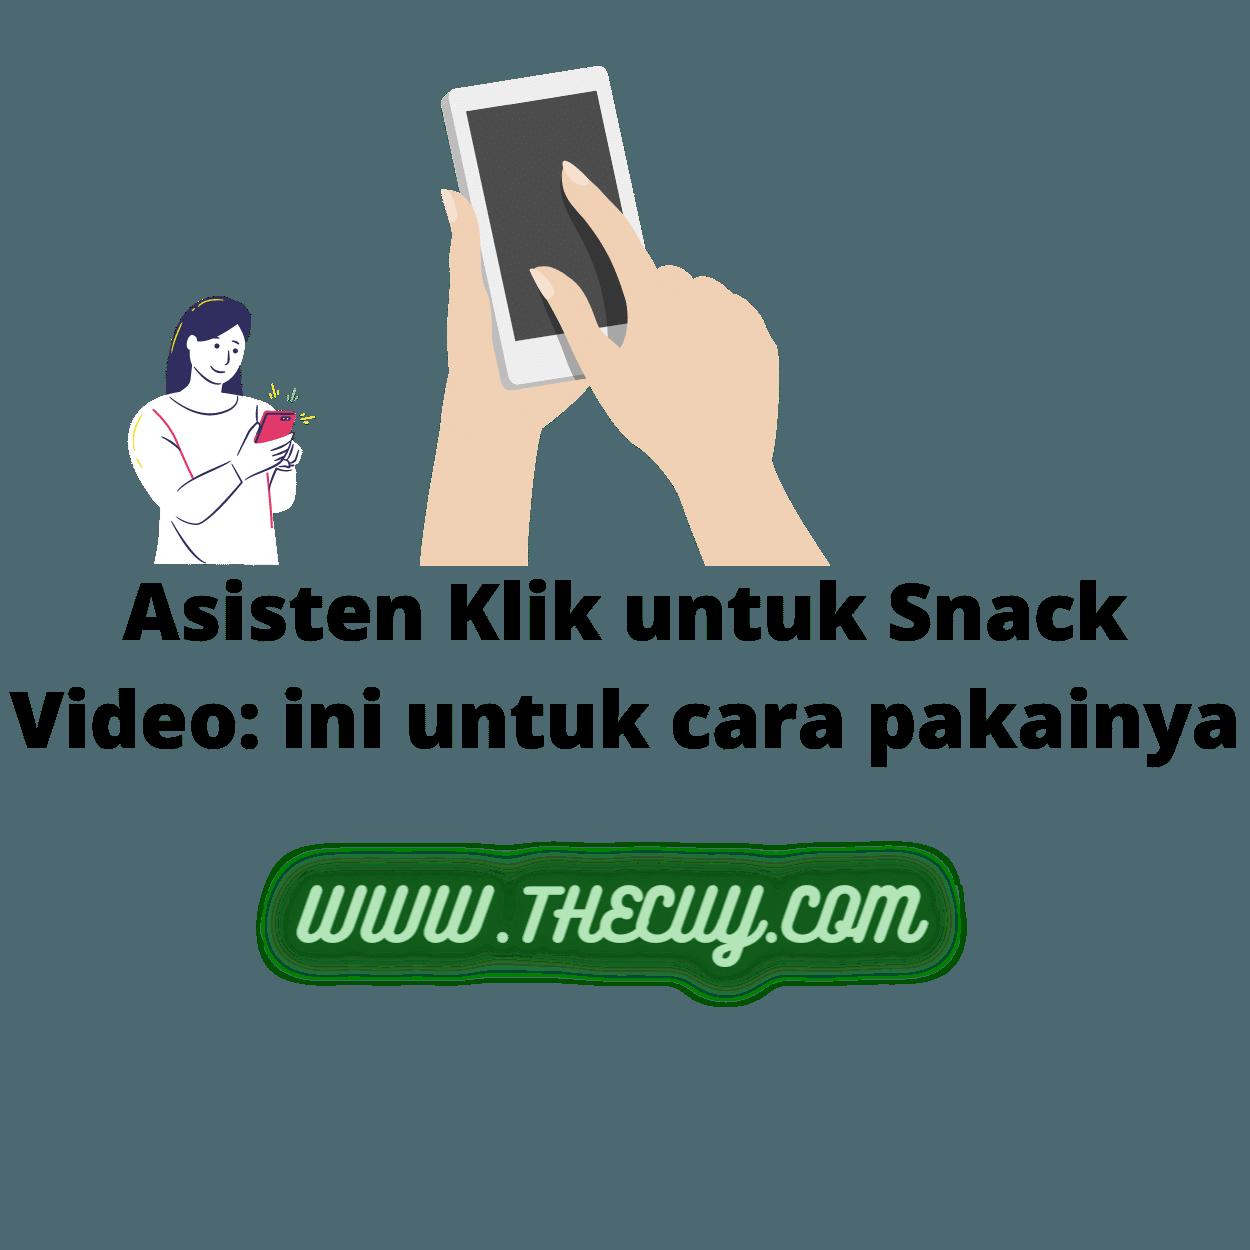 Asisten Klik untuk Snack Video: ini untuk cara pakainya